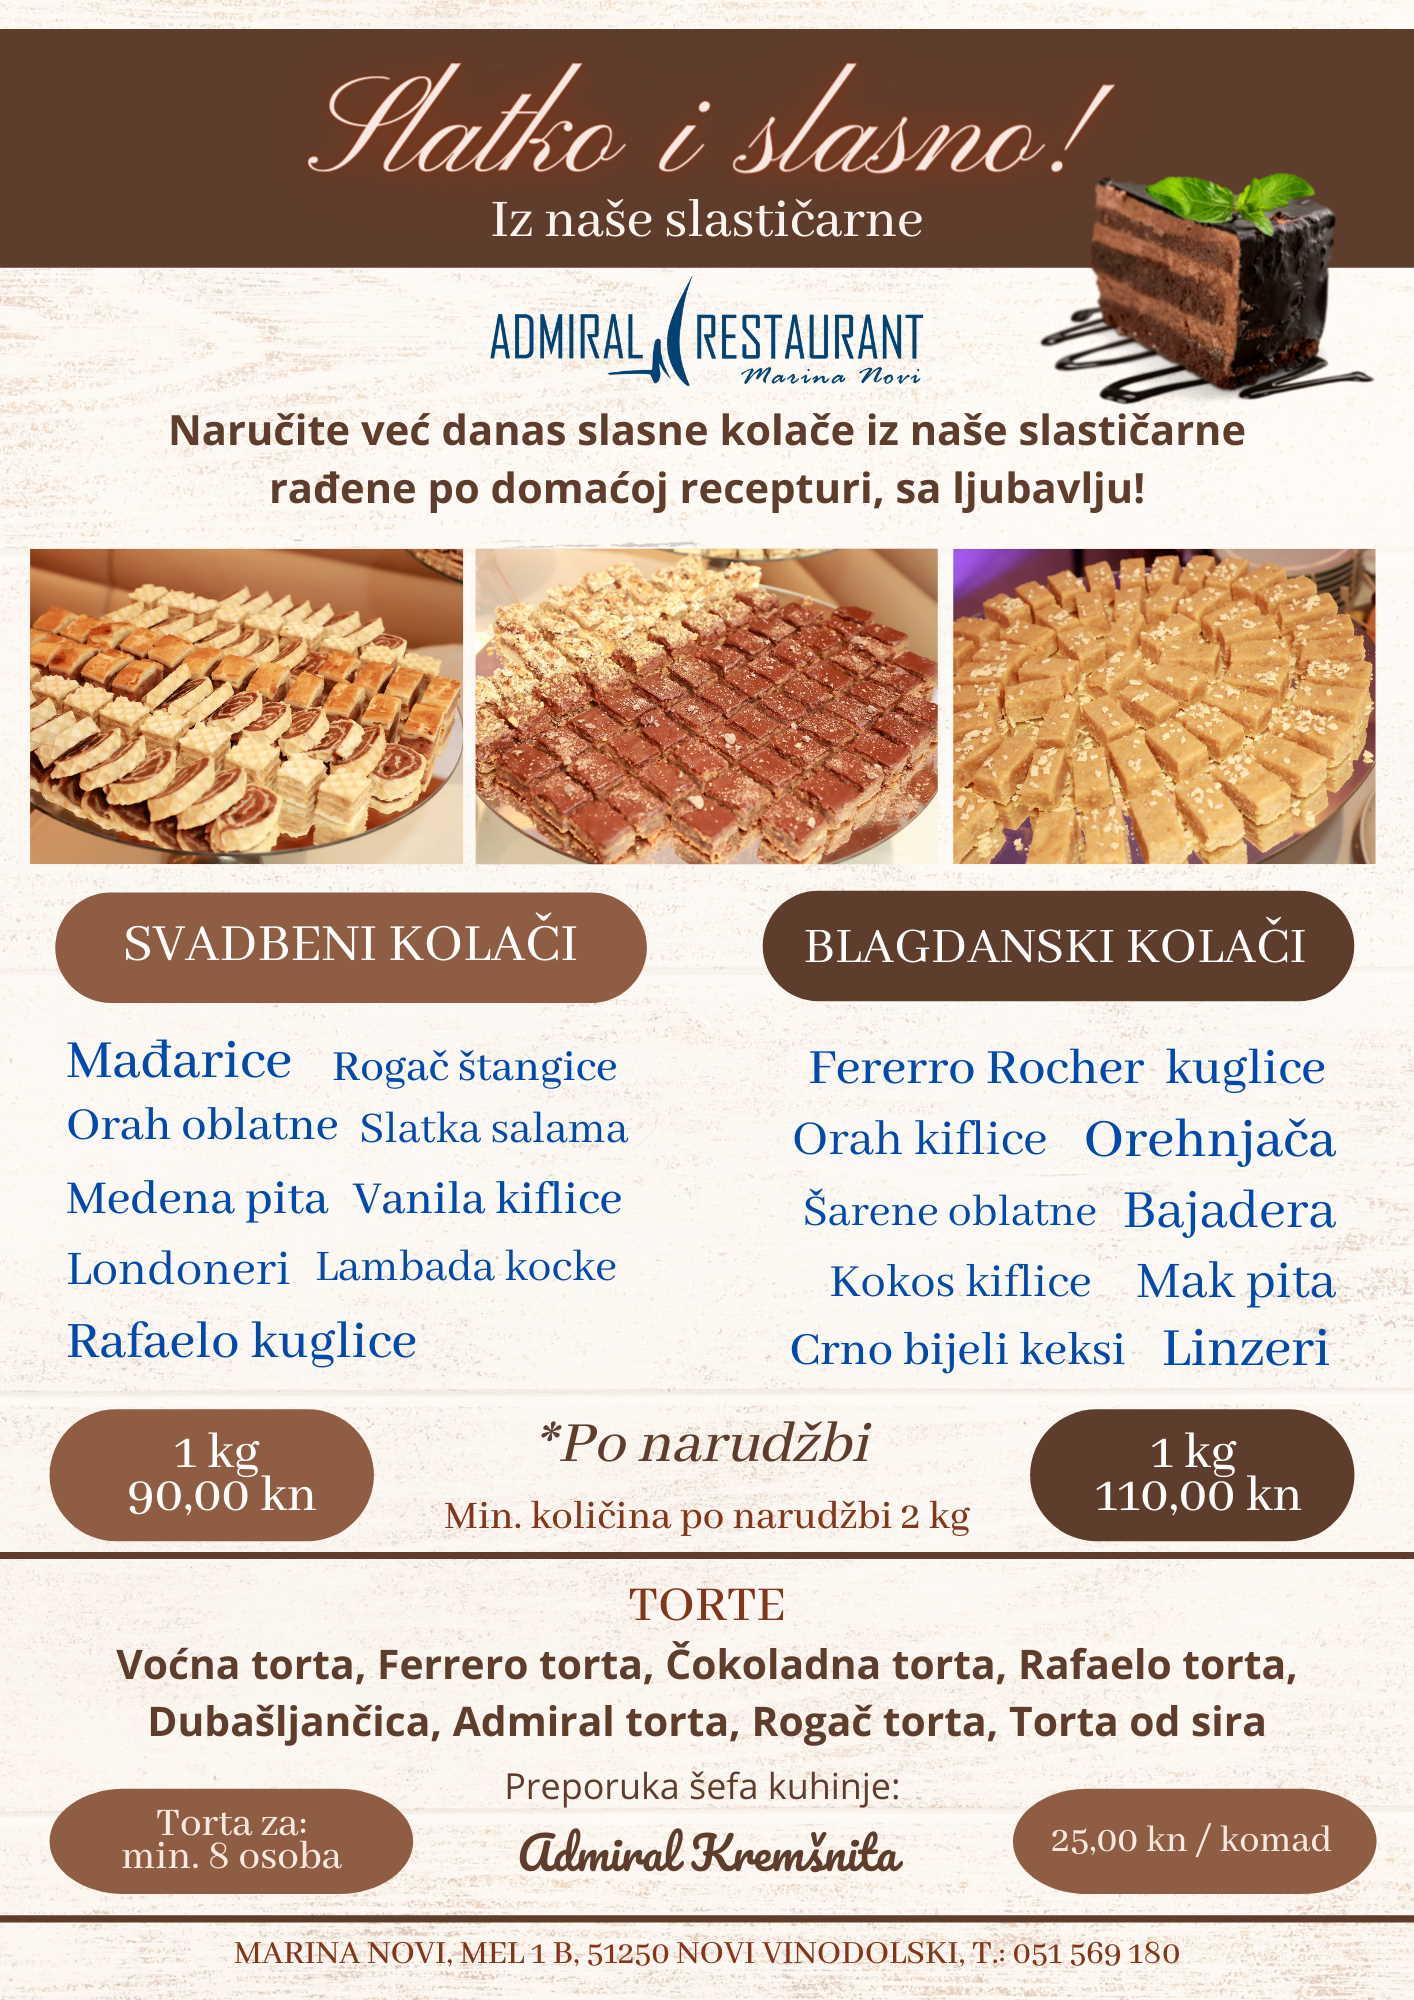 Posjetili smo Marinu Novi gdje su započeli dani tradicionalne hrvatske kuhinje